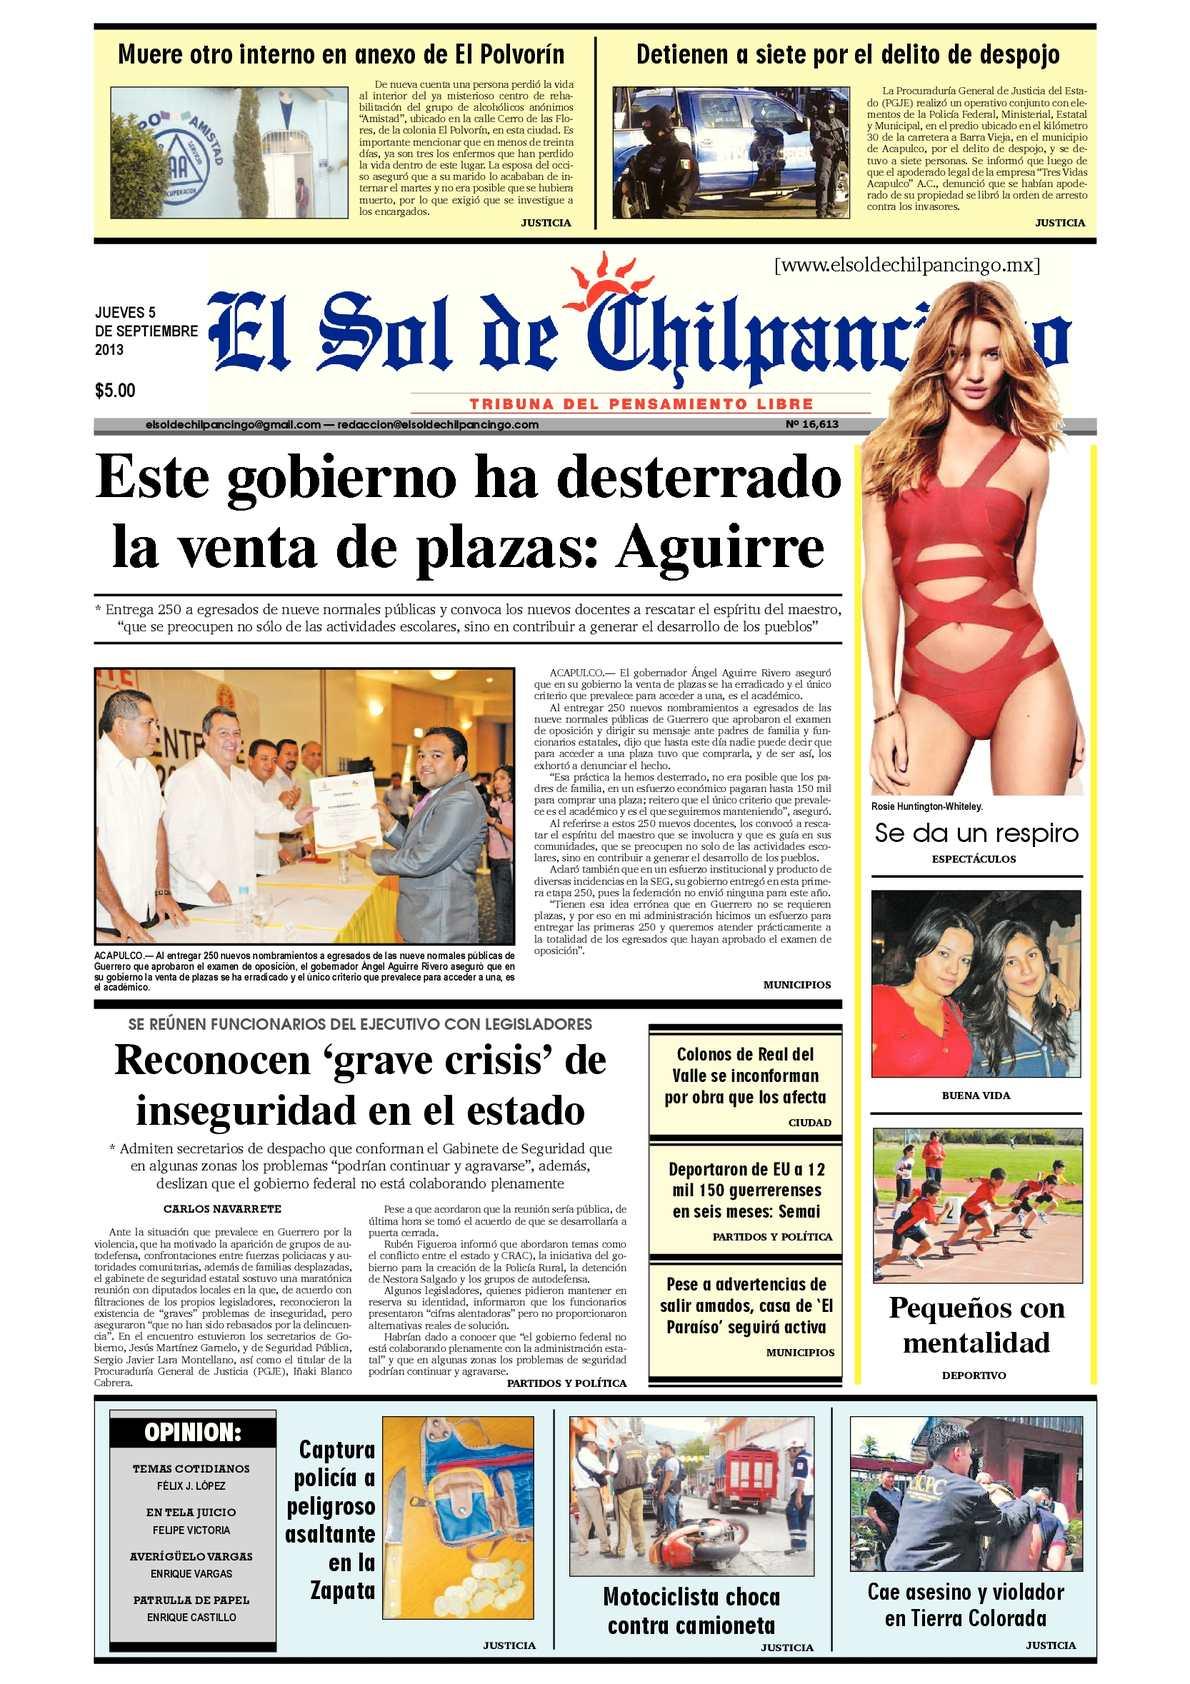 Calaméo - El Sol de Chilpancingo 5 Septiembre 2013